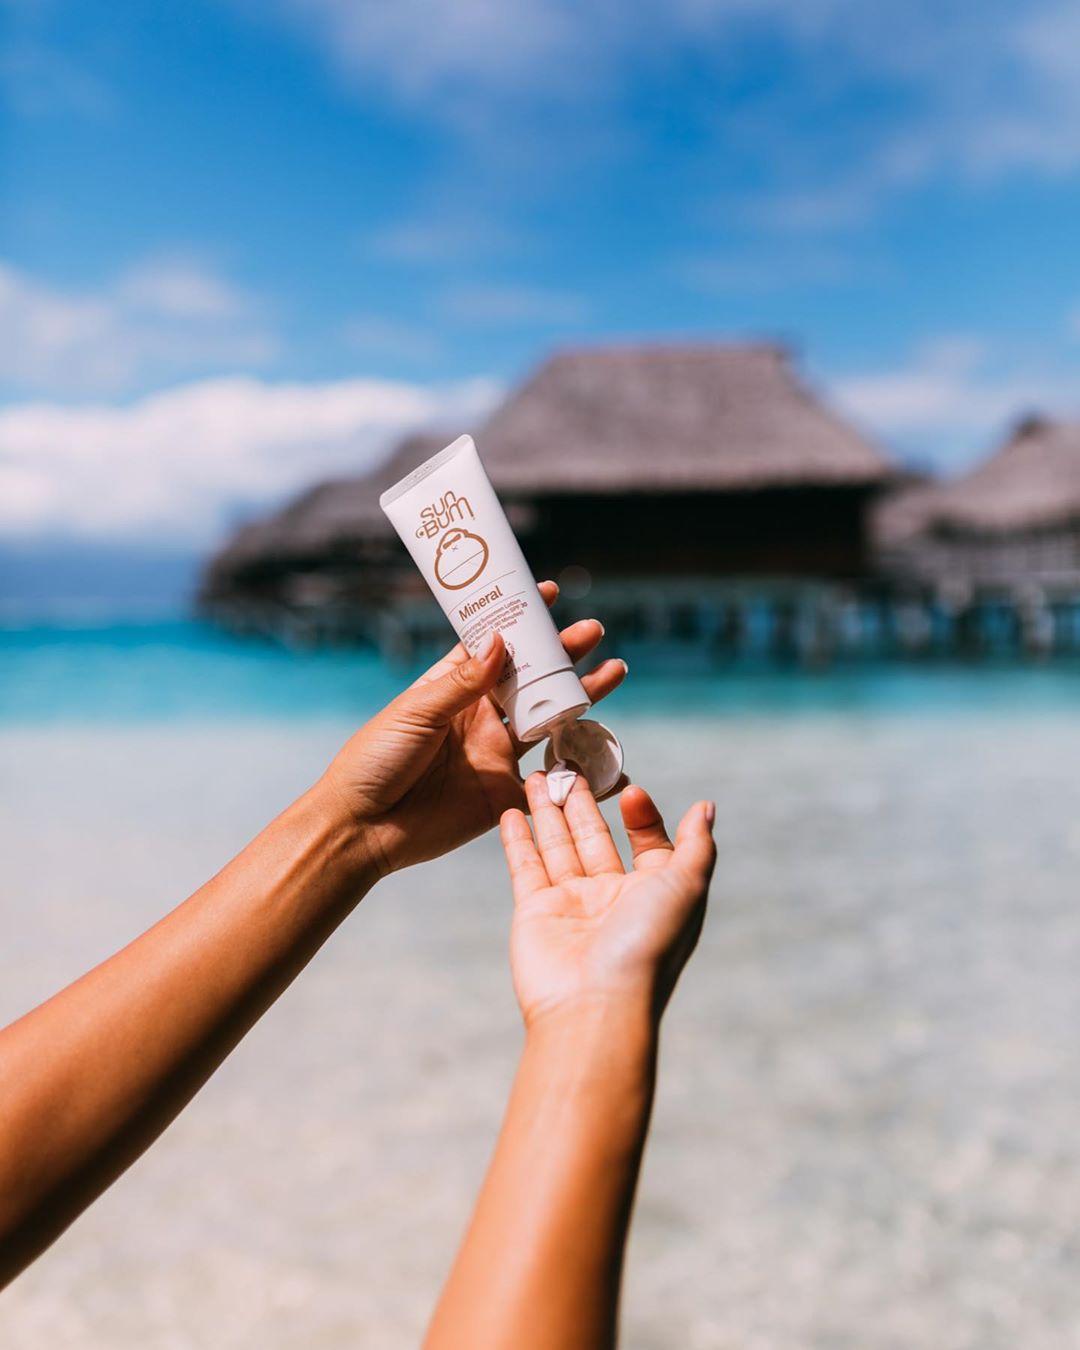 Hình thành thói quen thoa kem chống nắng từ sớm sẽ giúp hạn chế tình trạng sạm nám, nổi tàn nhang, lão hóa sớm...